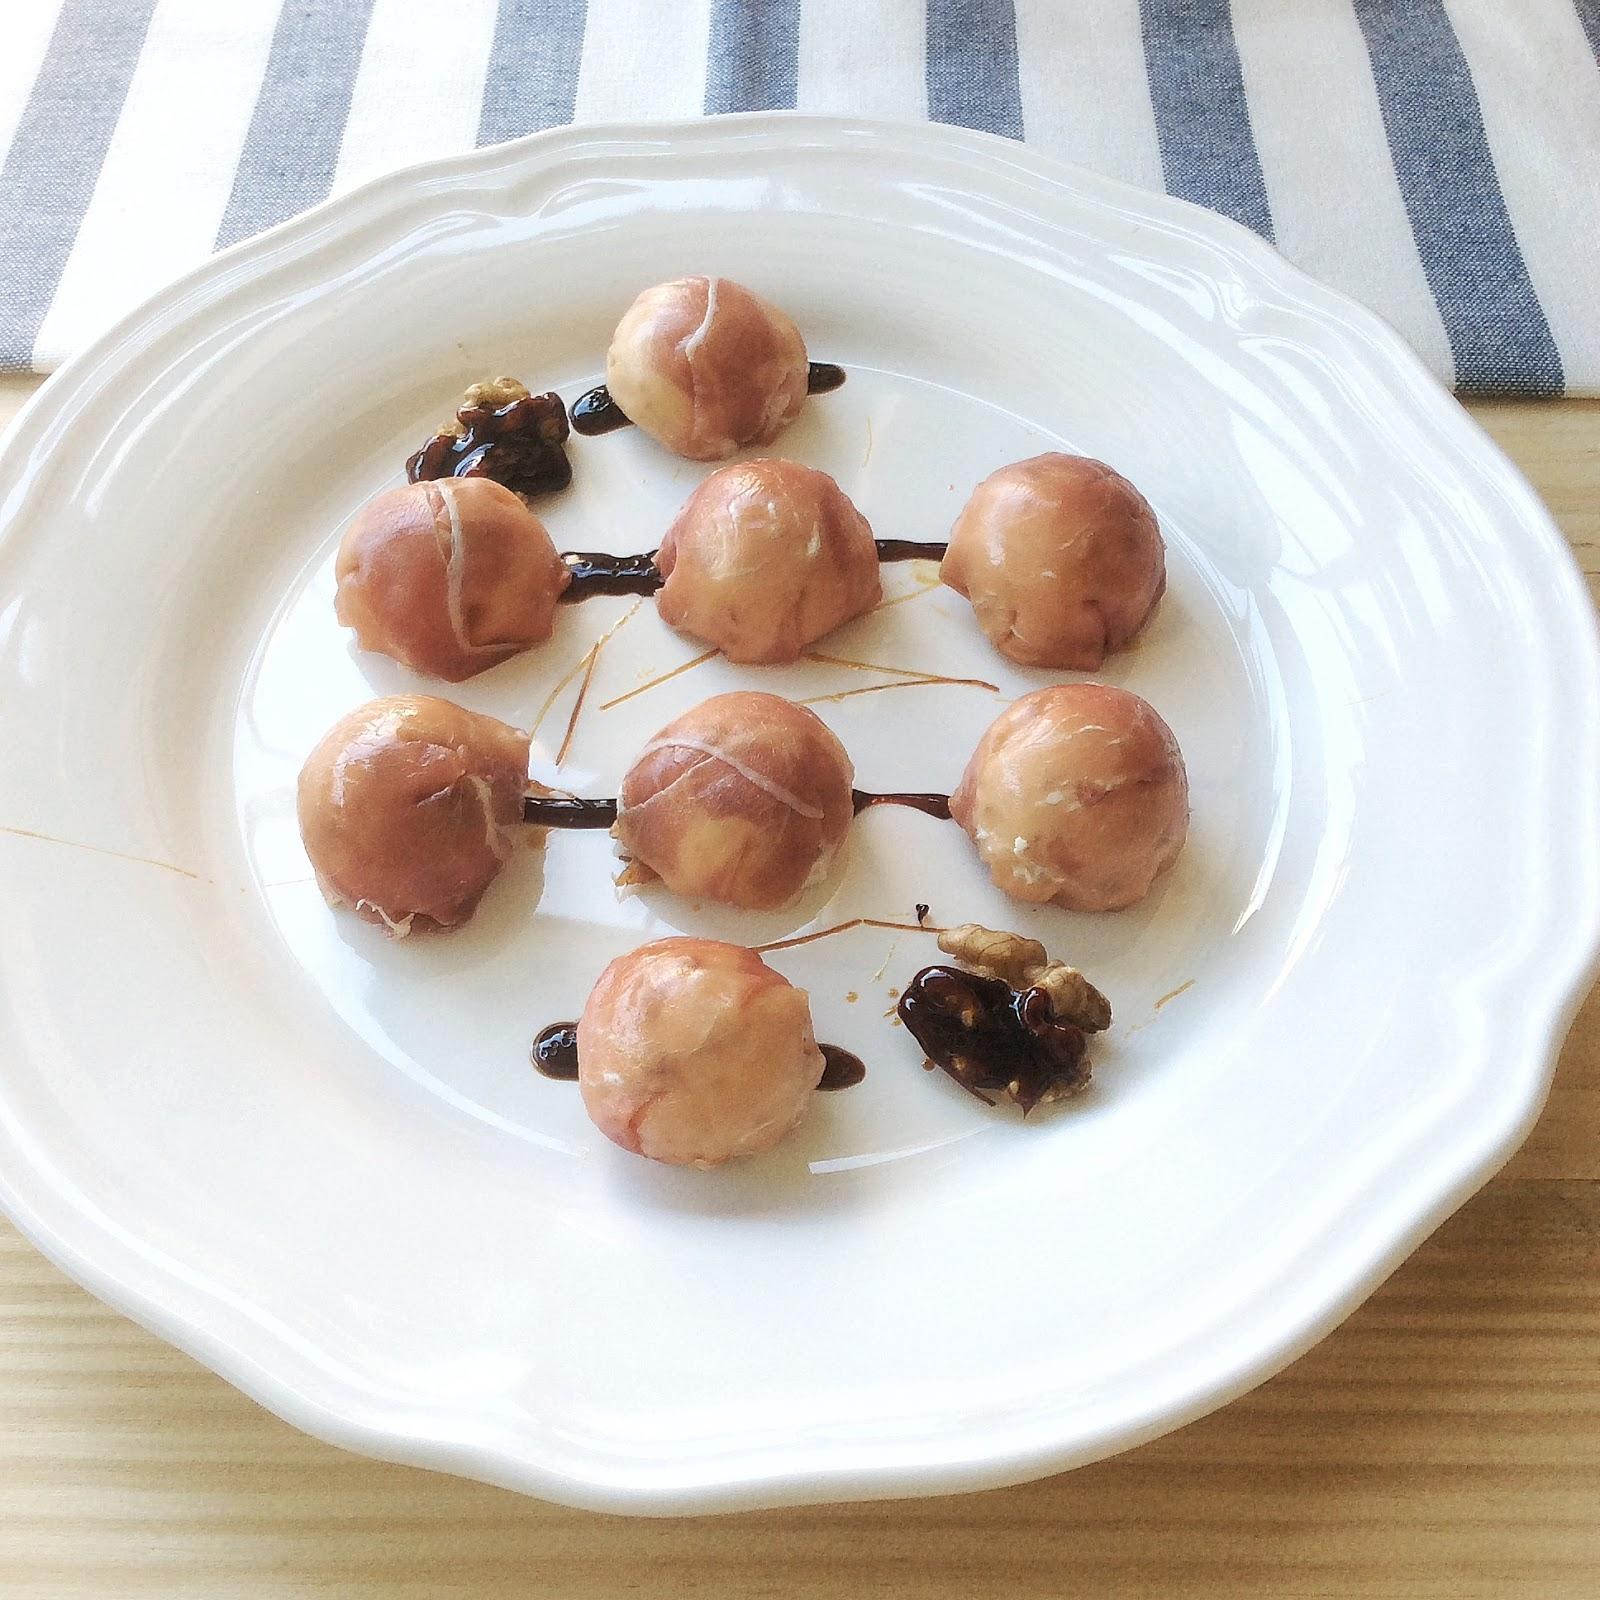 Bombones de Jamón, Gorgonzola y nueces